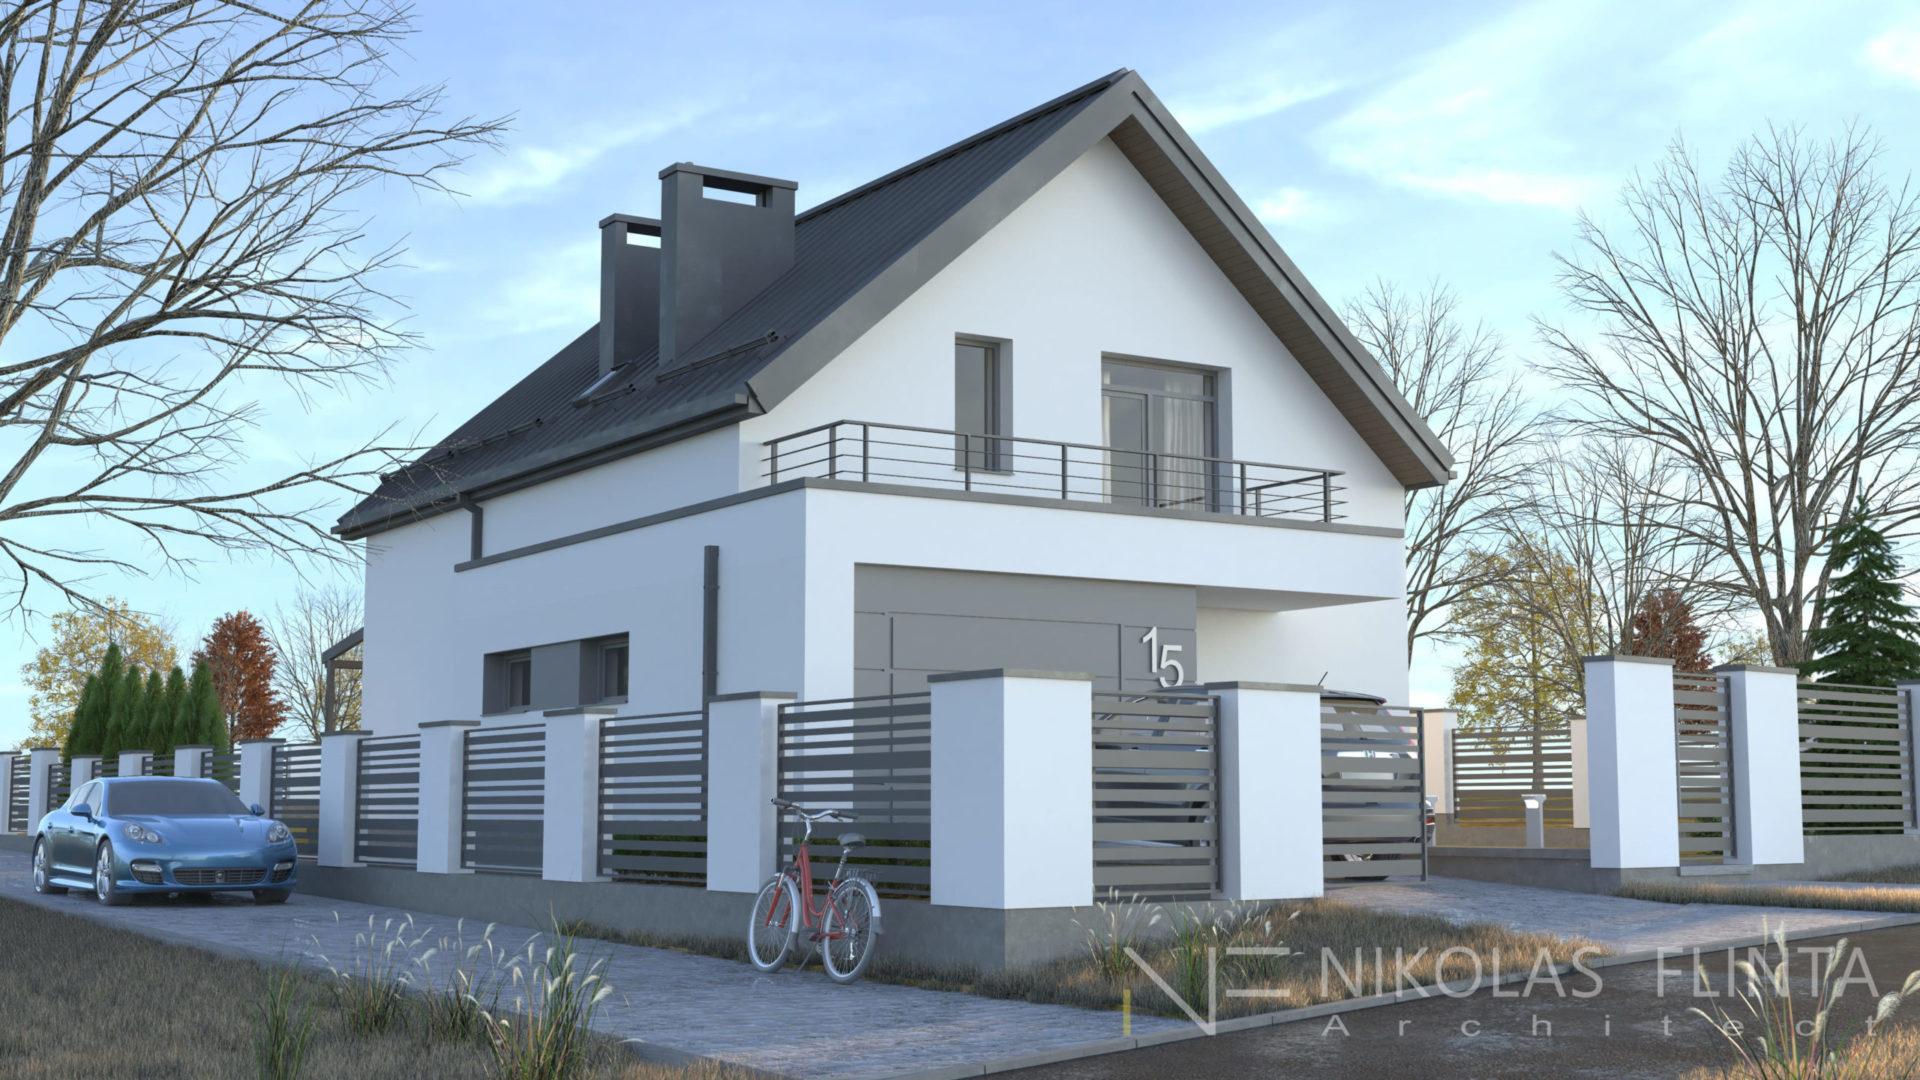 House-09CD_01-1-scaled.jpg